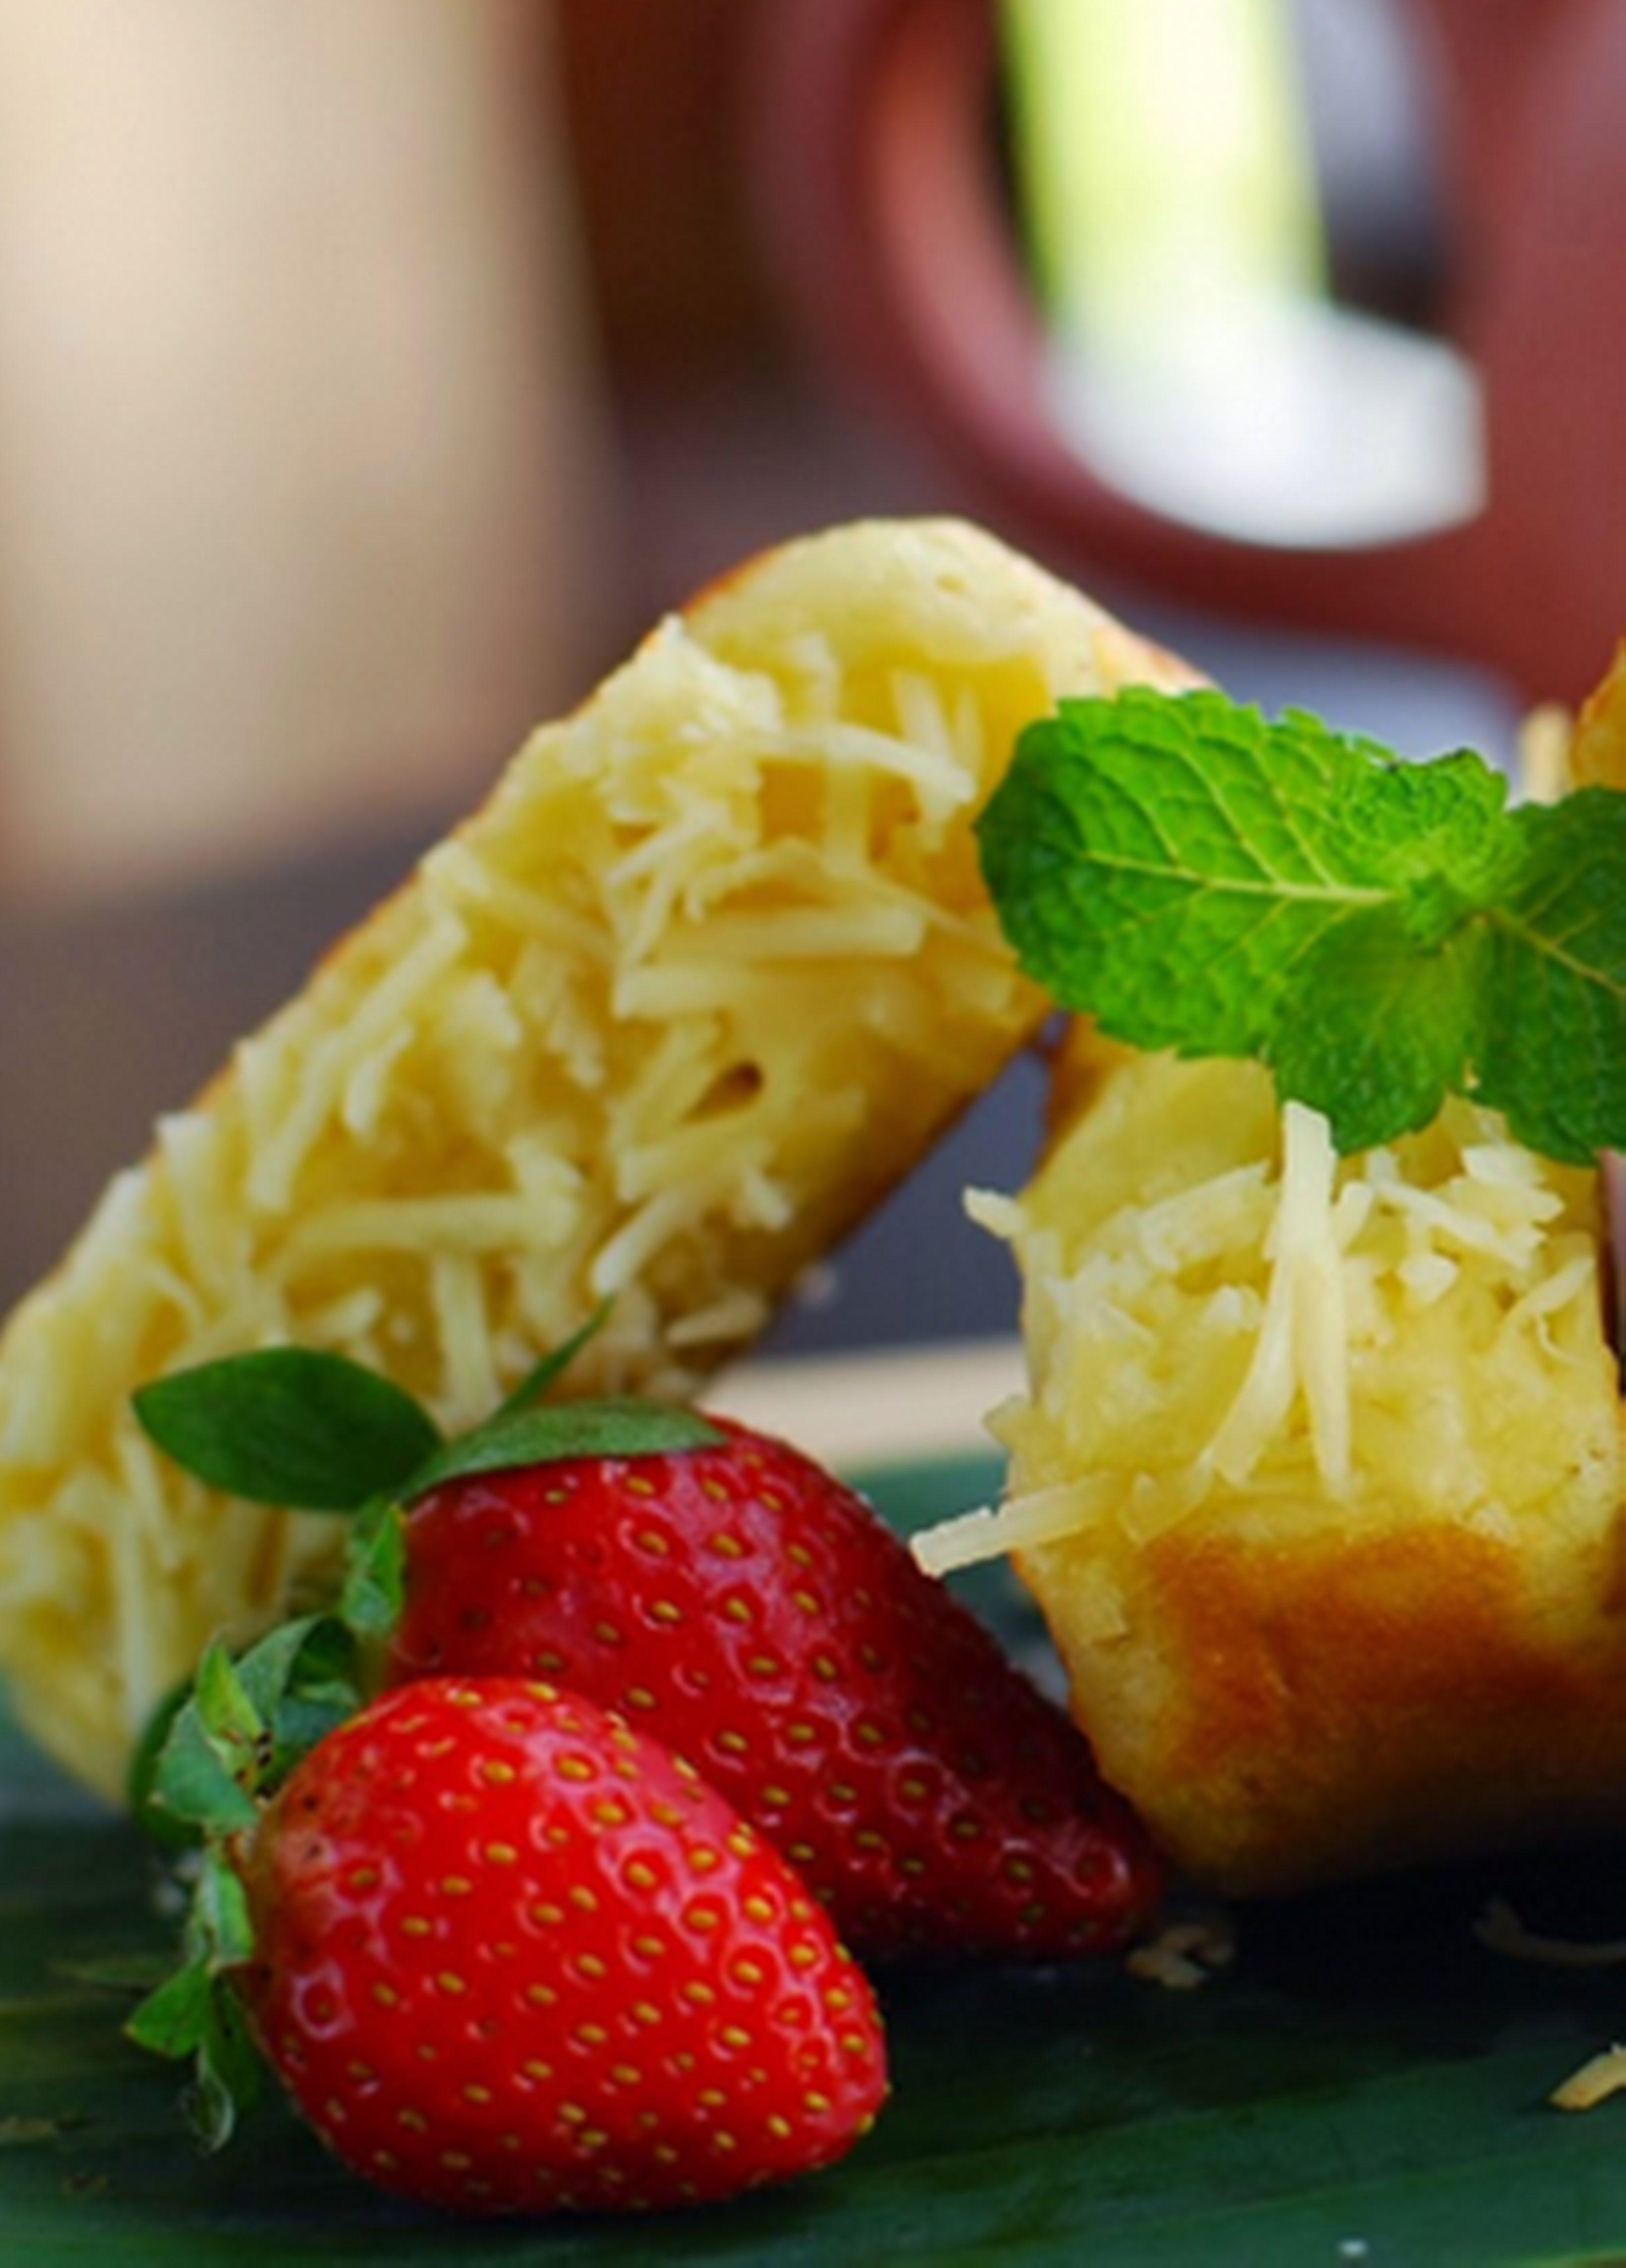 Resep Dan Cara Membuat Kue Pukis Banyumas Nikmat Resep Kue Resep Camilan